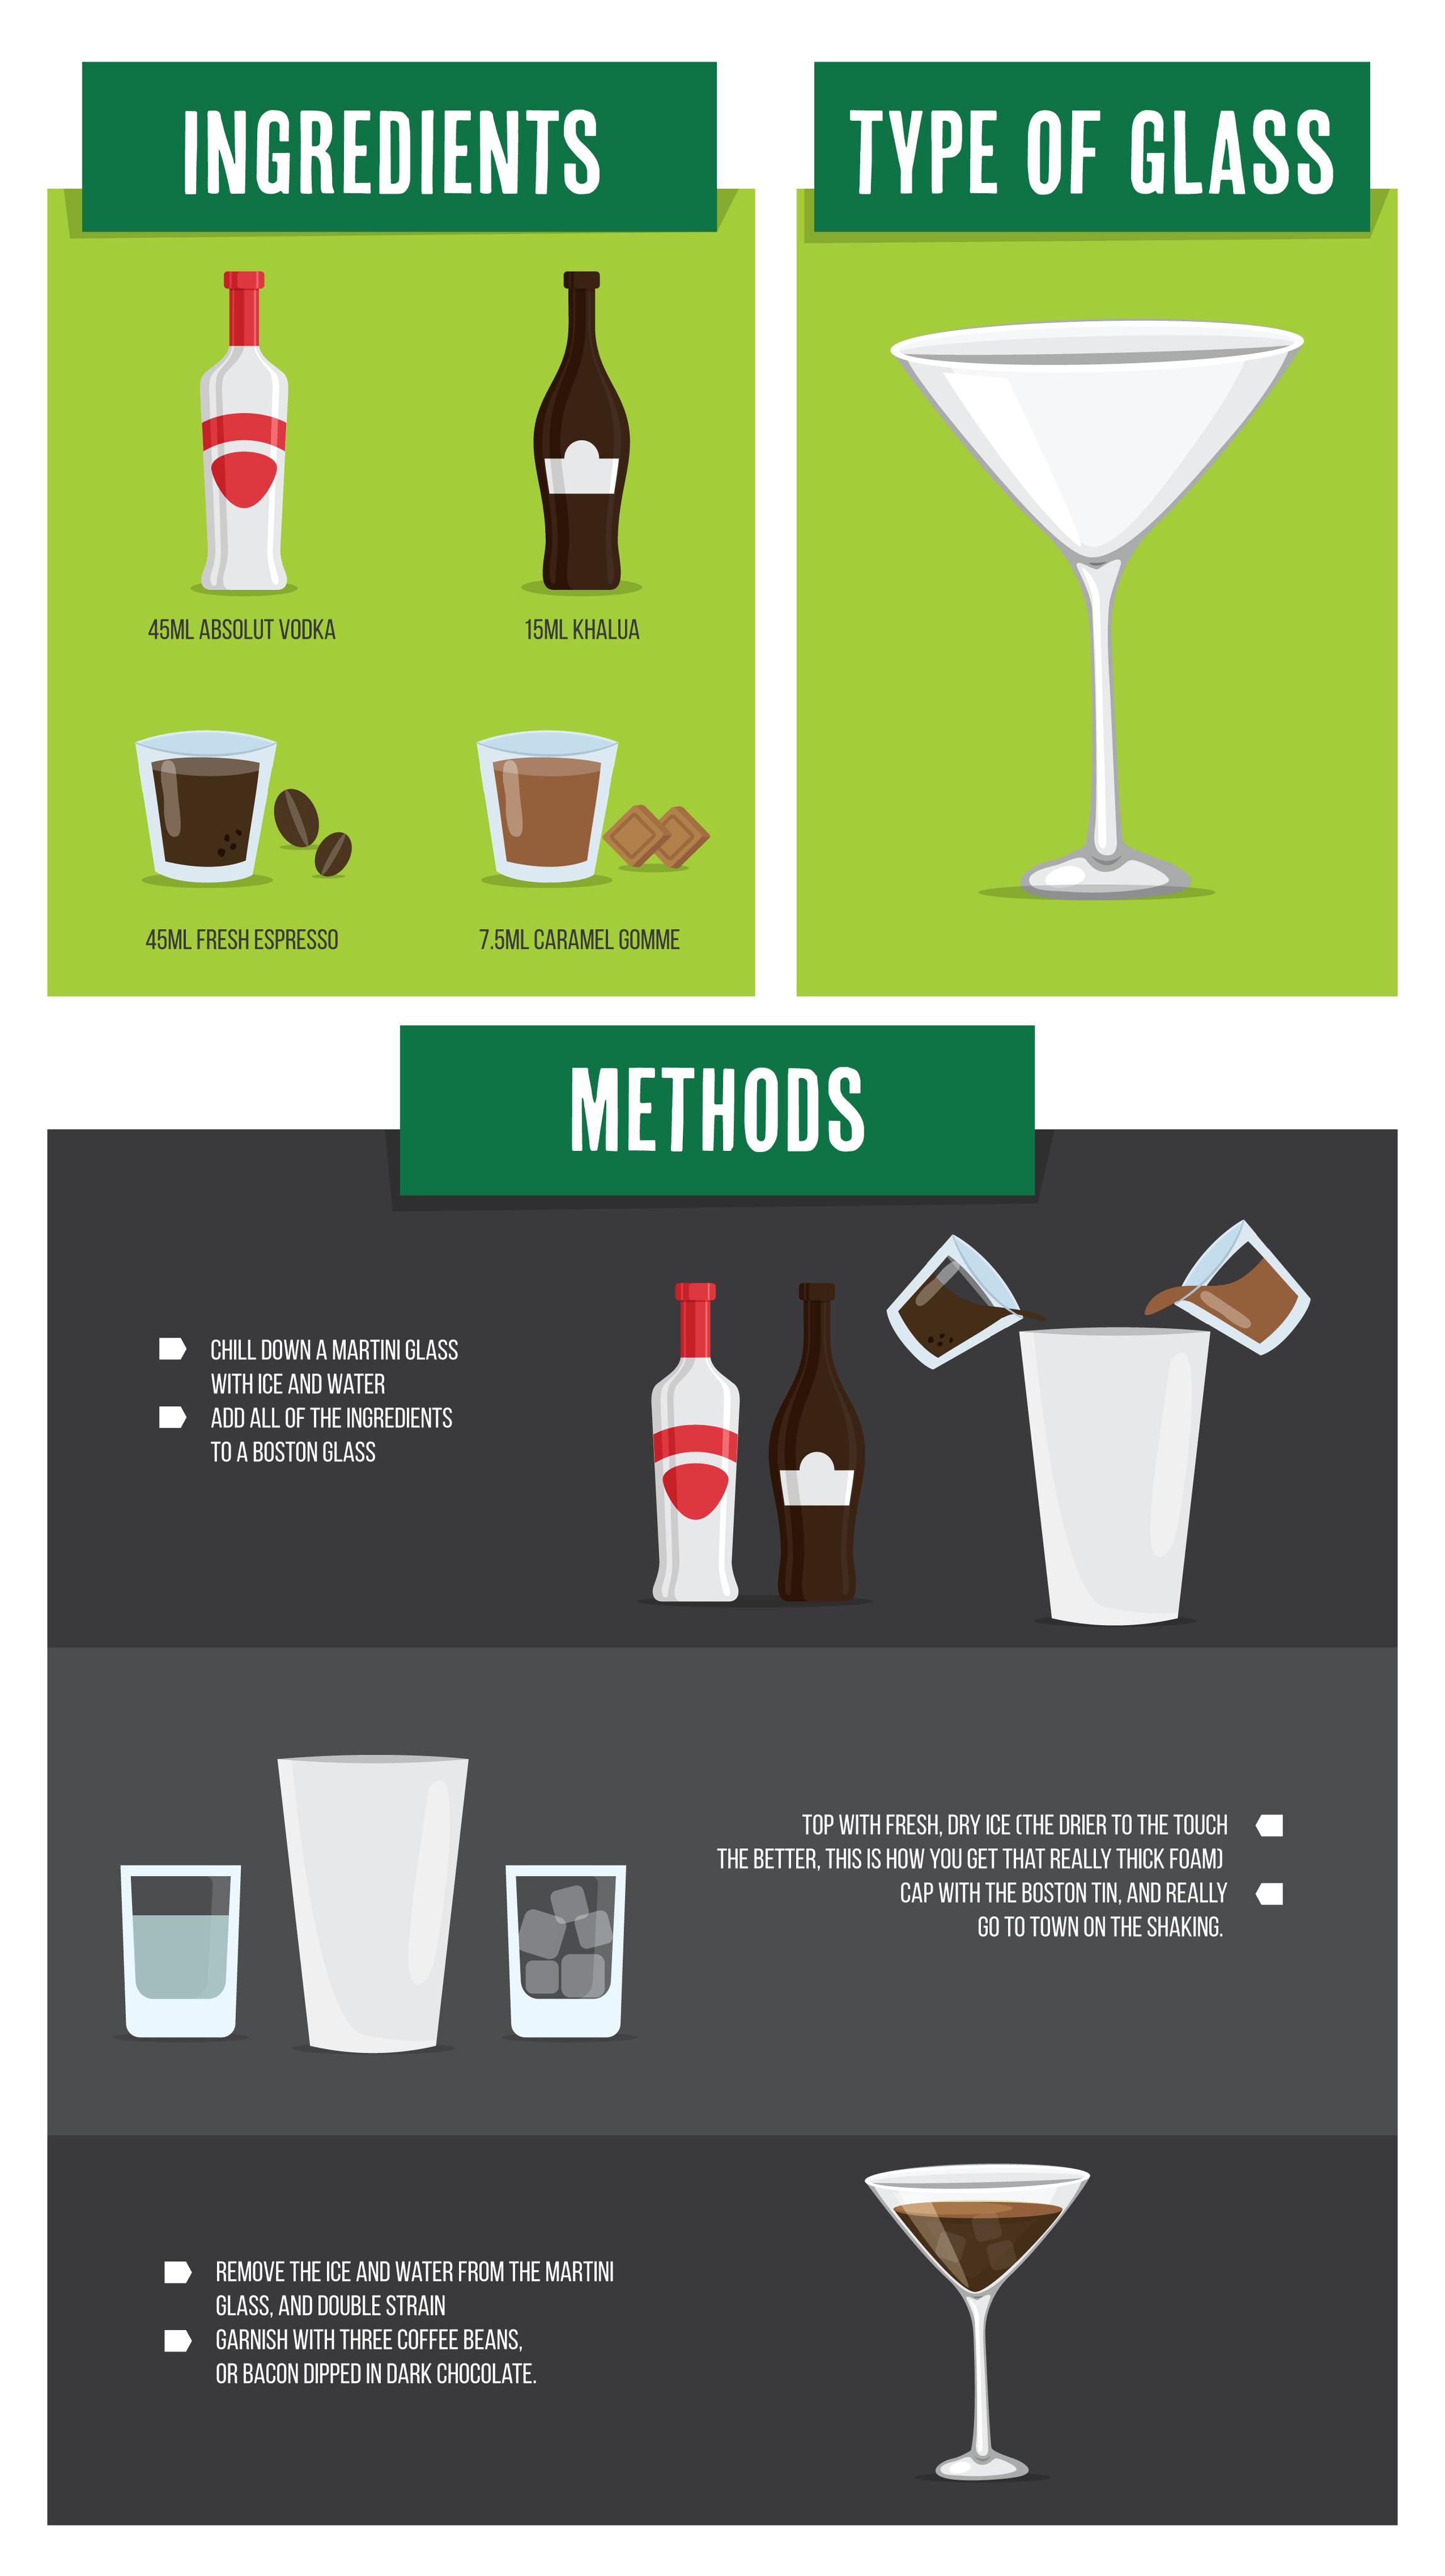 EspressoMartini-infographic